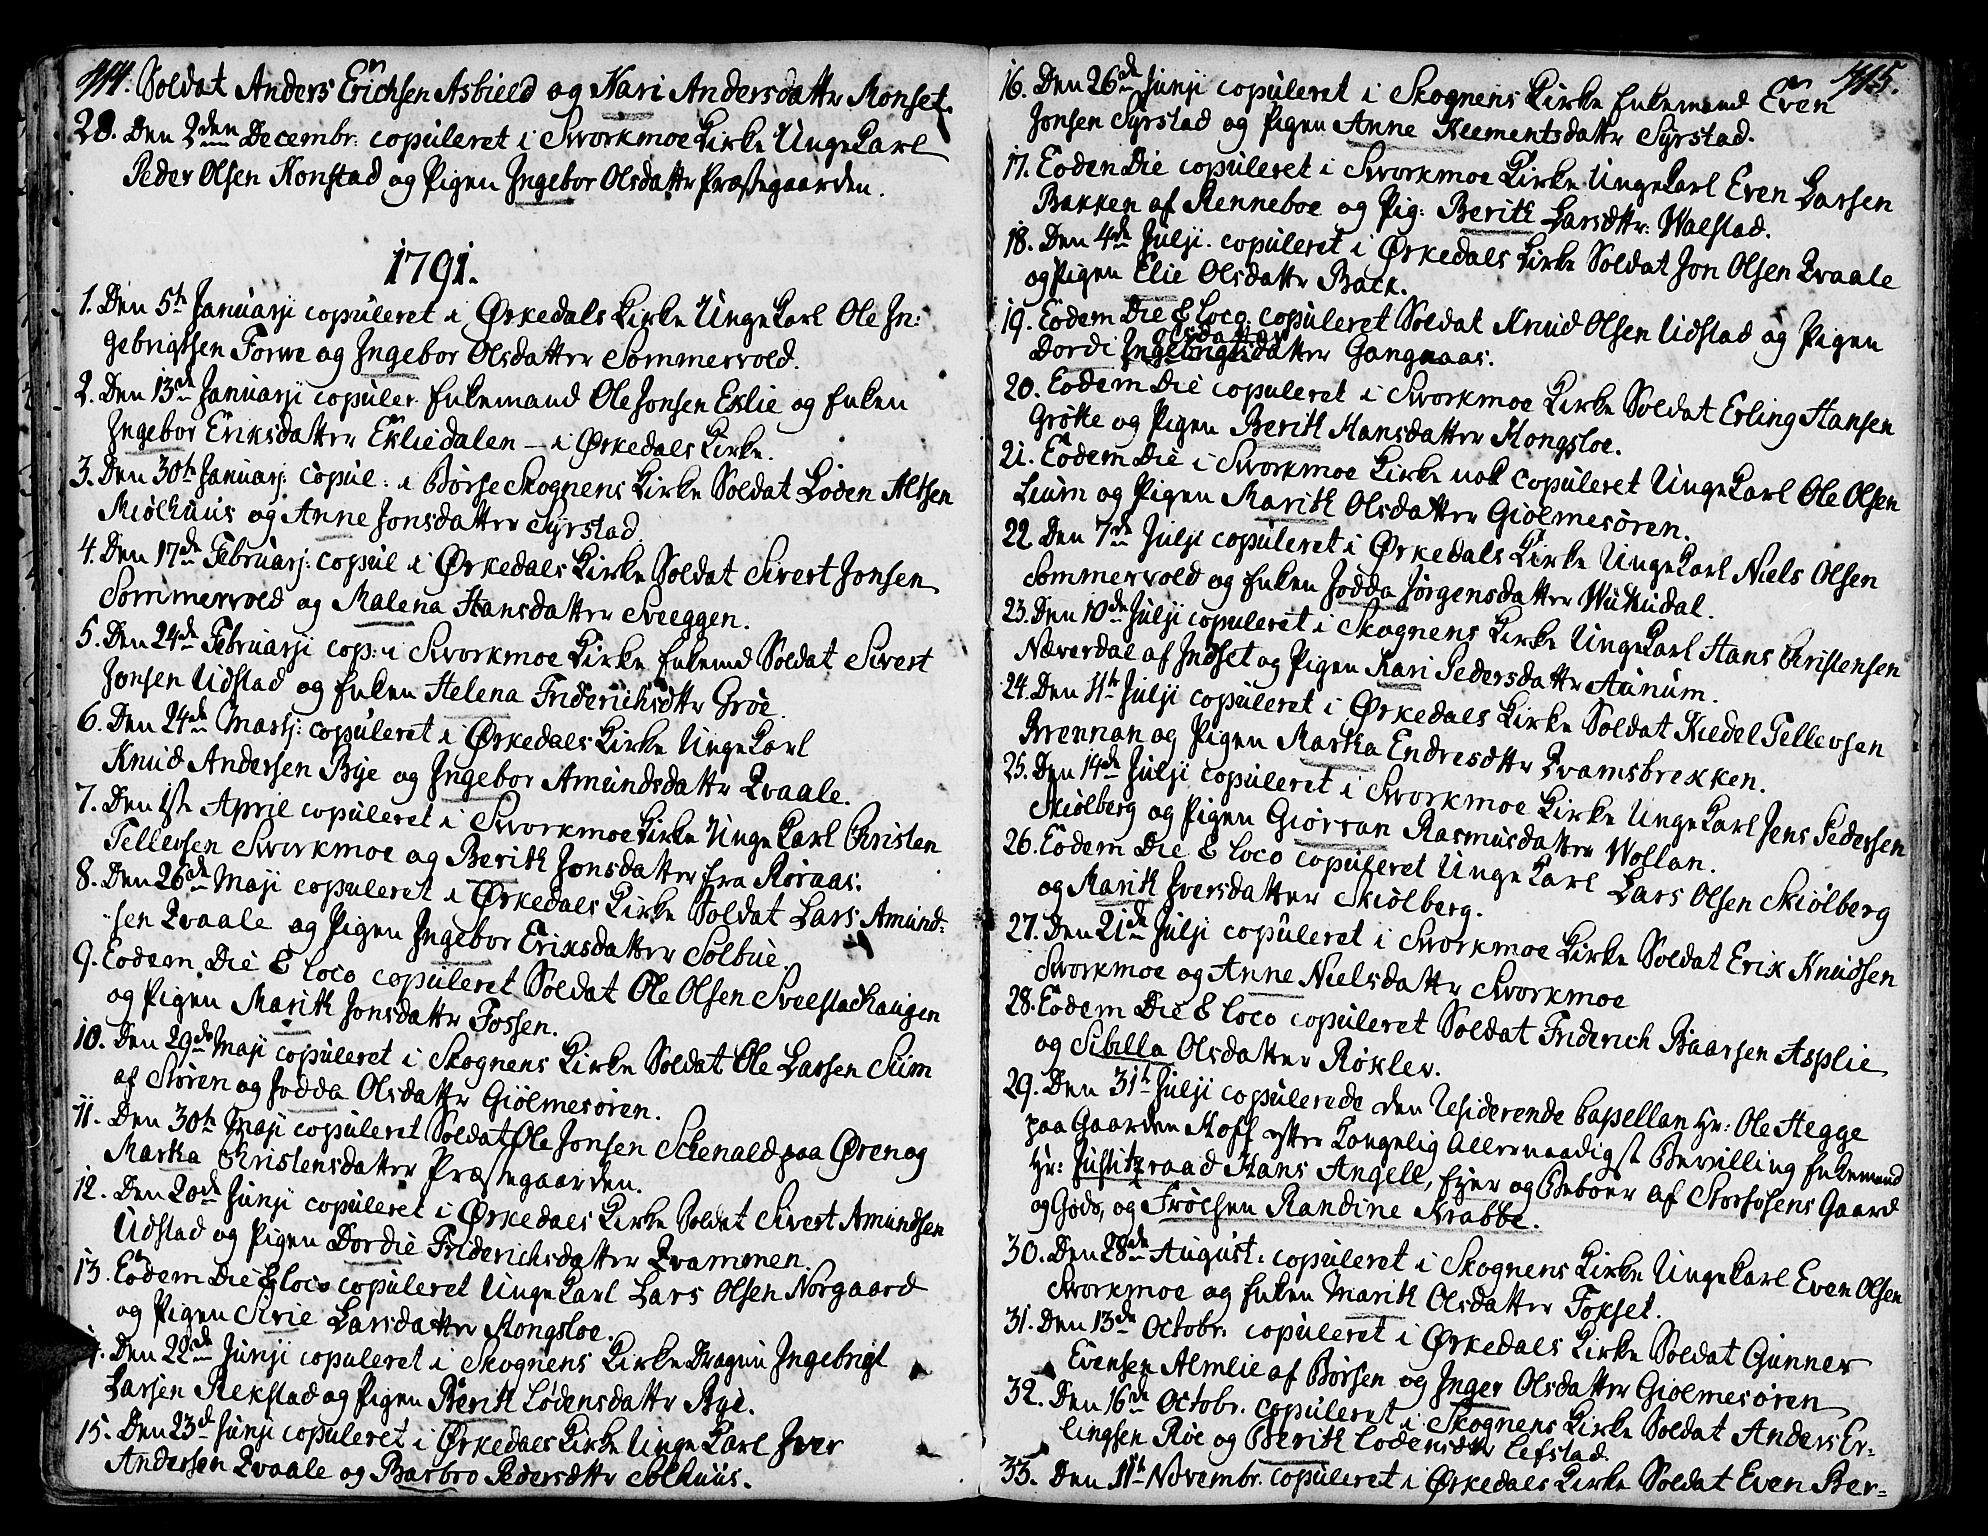 SAT, Ministerialprotokoller, klokkerbøker og fødselsregistre - Sør-Trøndelag, 668/L0802: Ministerialbok nr. 668A02, 1776-1799, s. 414-415